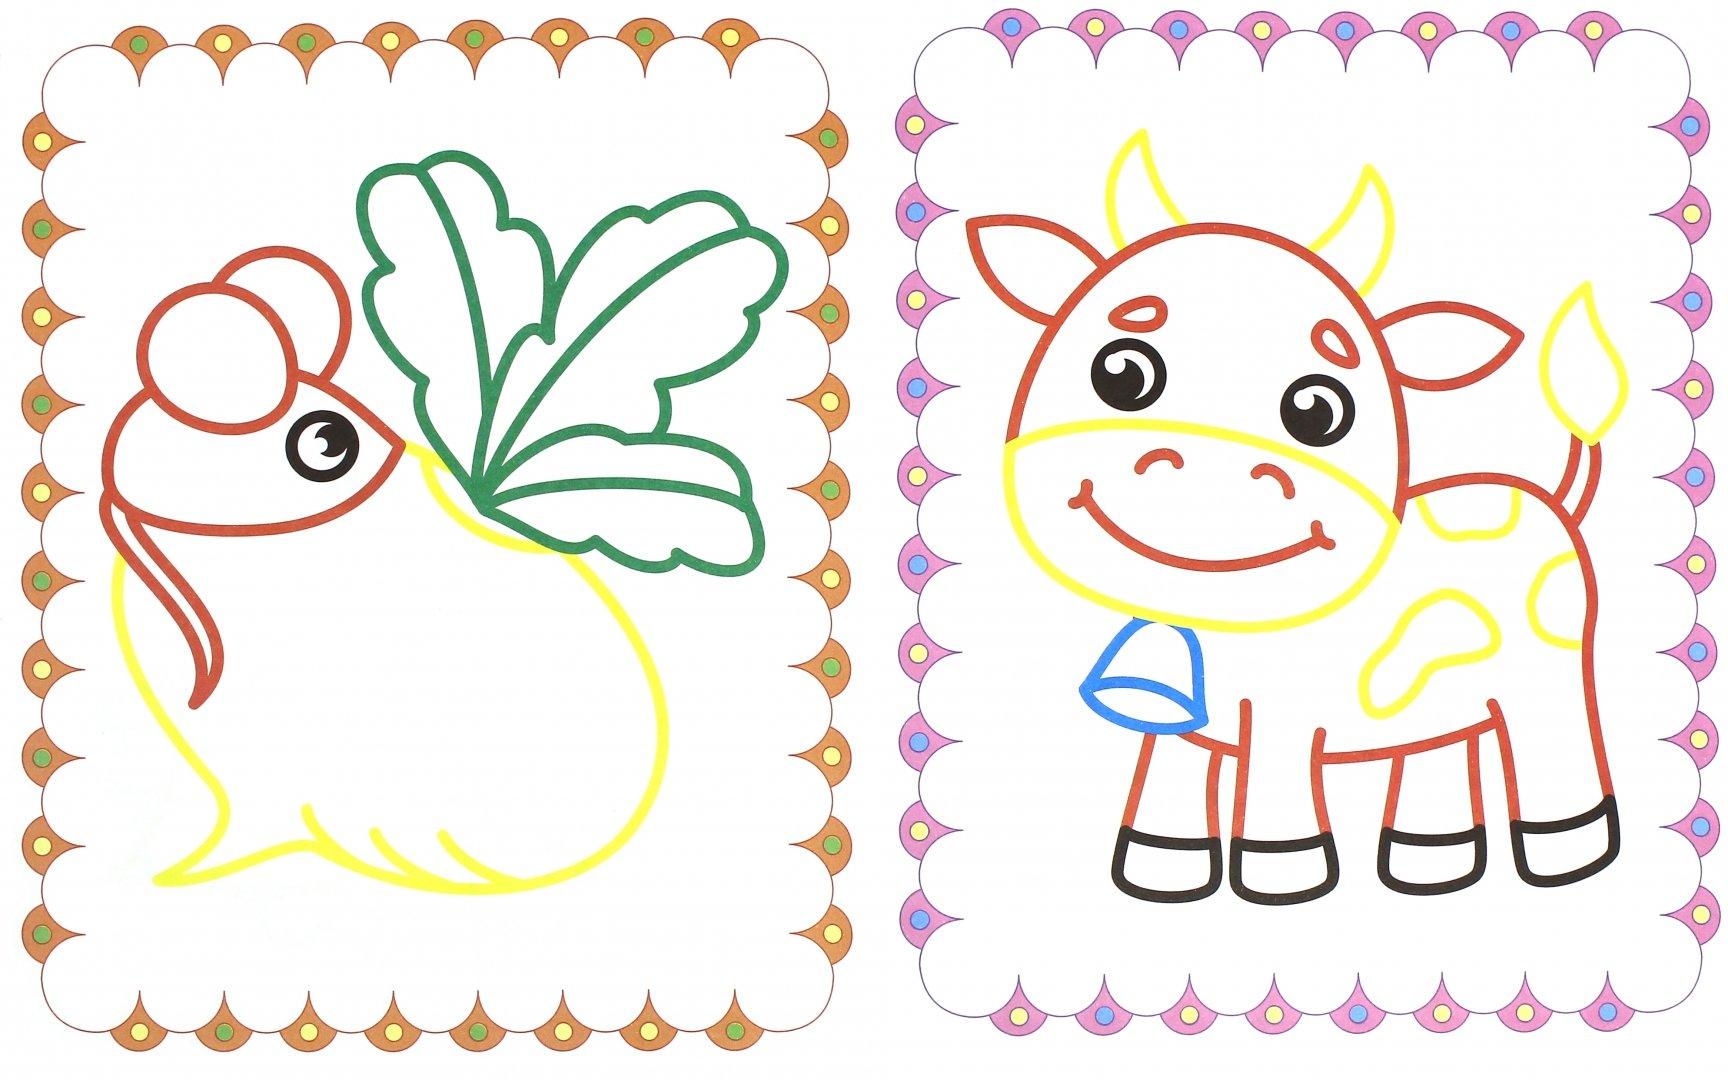 целая простые картинки для малышей цветные остаются места